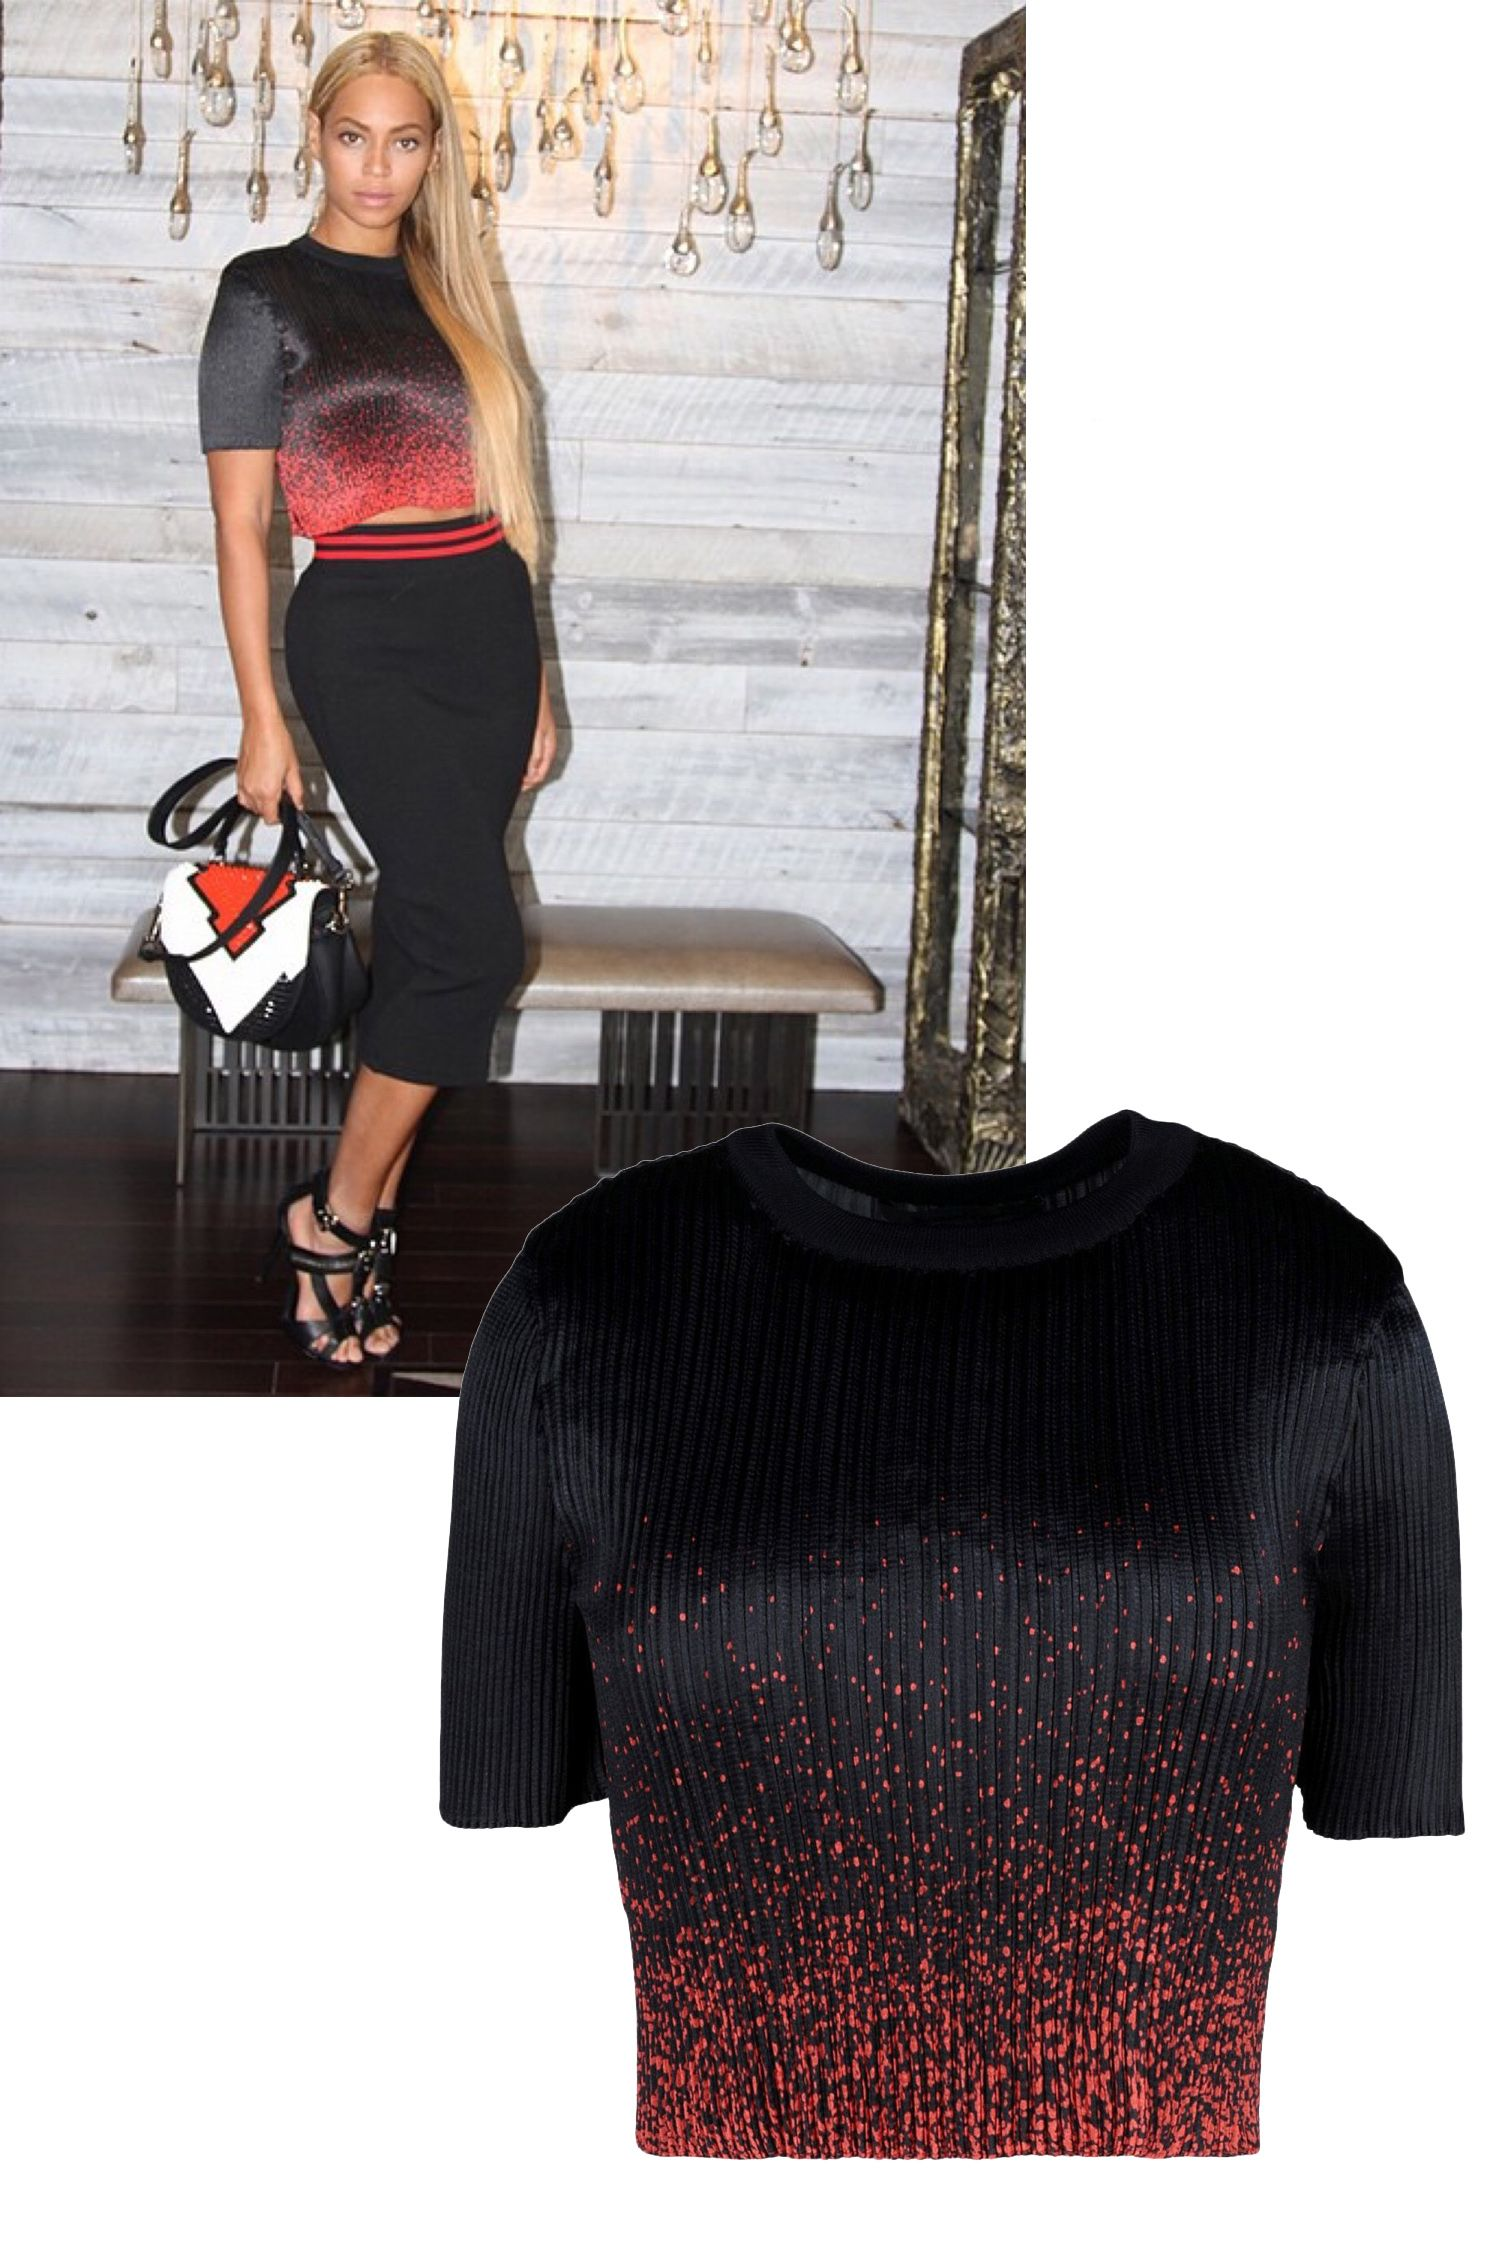 """<a target=""""_blank"""" href=""""https://instagram.com/beyonce/"""">@Beyonce</a>  <em>Alexander Wang top, $595</em>  <a target=""""_blank"""" href=""""http://shop.harpersbazaar.com/designers/alexander-wang/micro-pleated-cropped-top/"""">ShopBAZAAR.com</a>"""